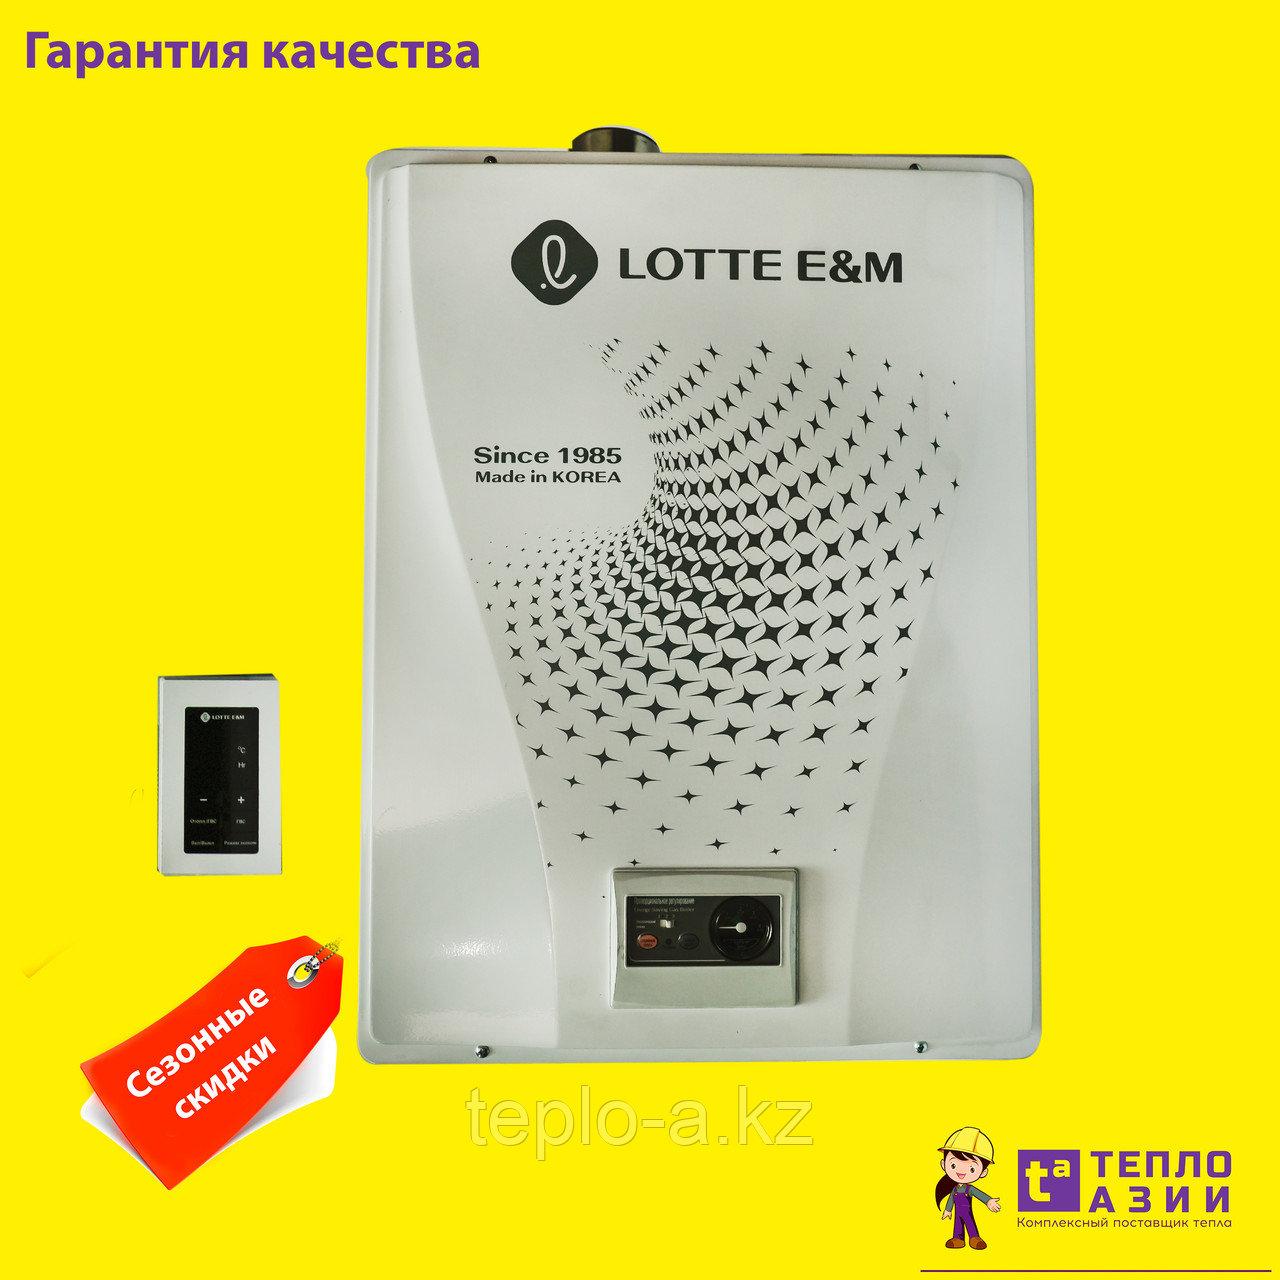 Настенный газовый котел LOTTE RGB-F366 RC (150кв.м-410кв.м)